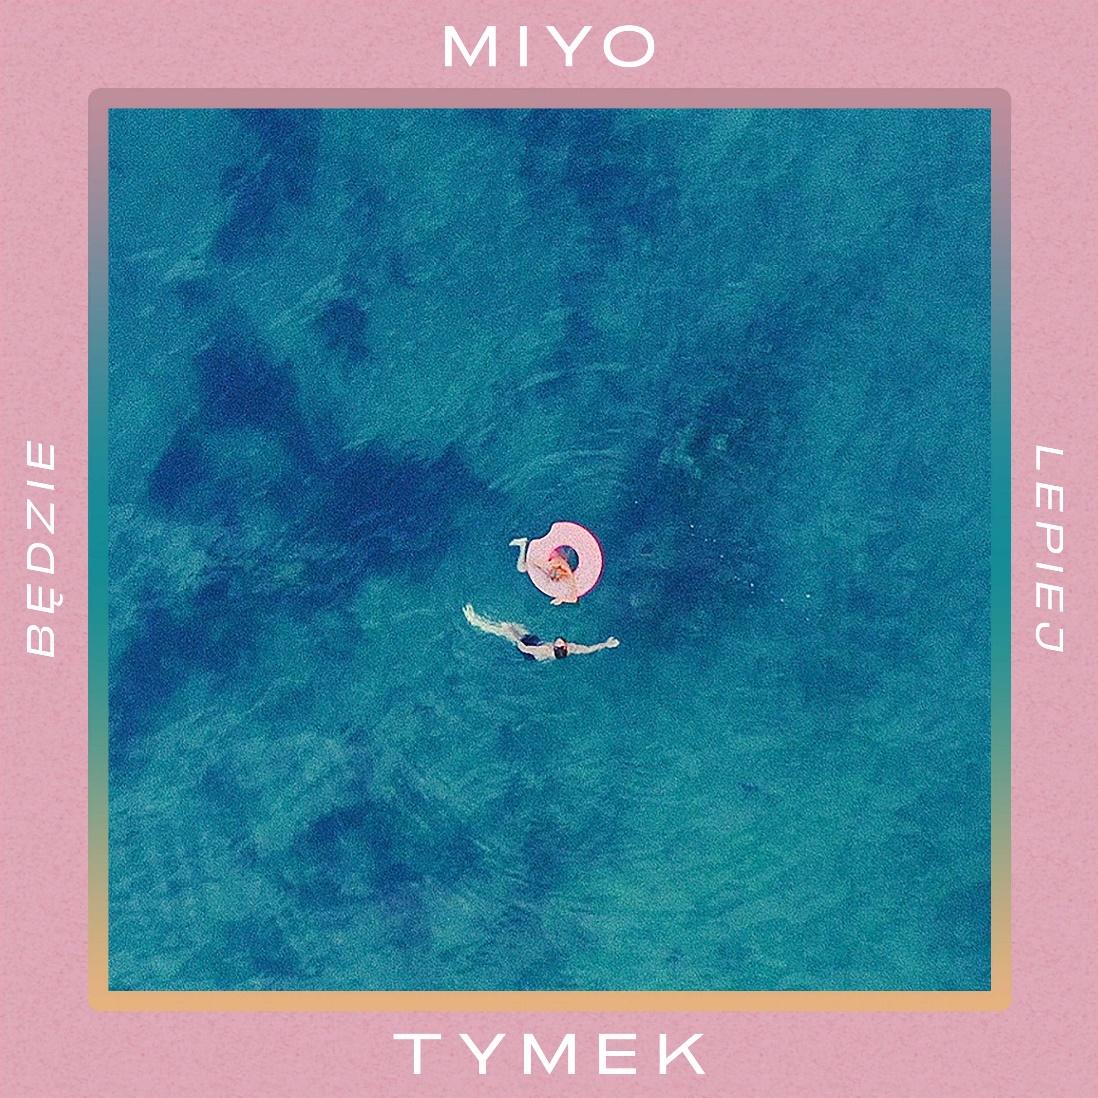 MIYO feat. TYMEK - Będzie Lepiej - sprawdź nowy hit lata!